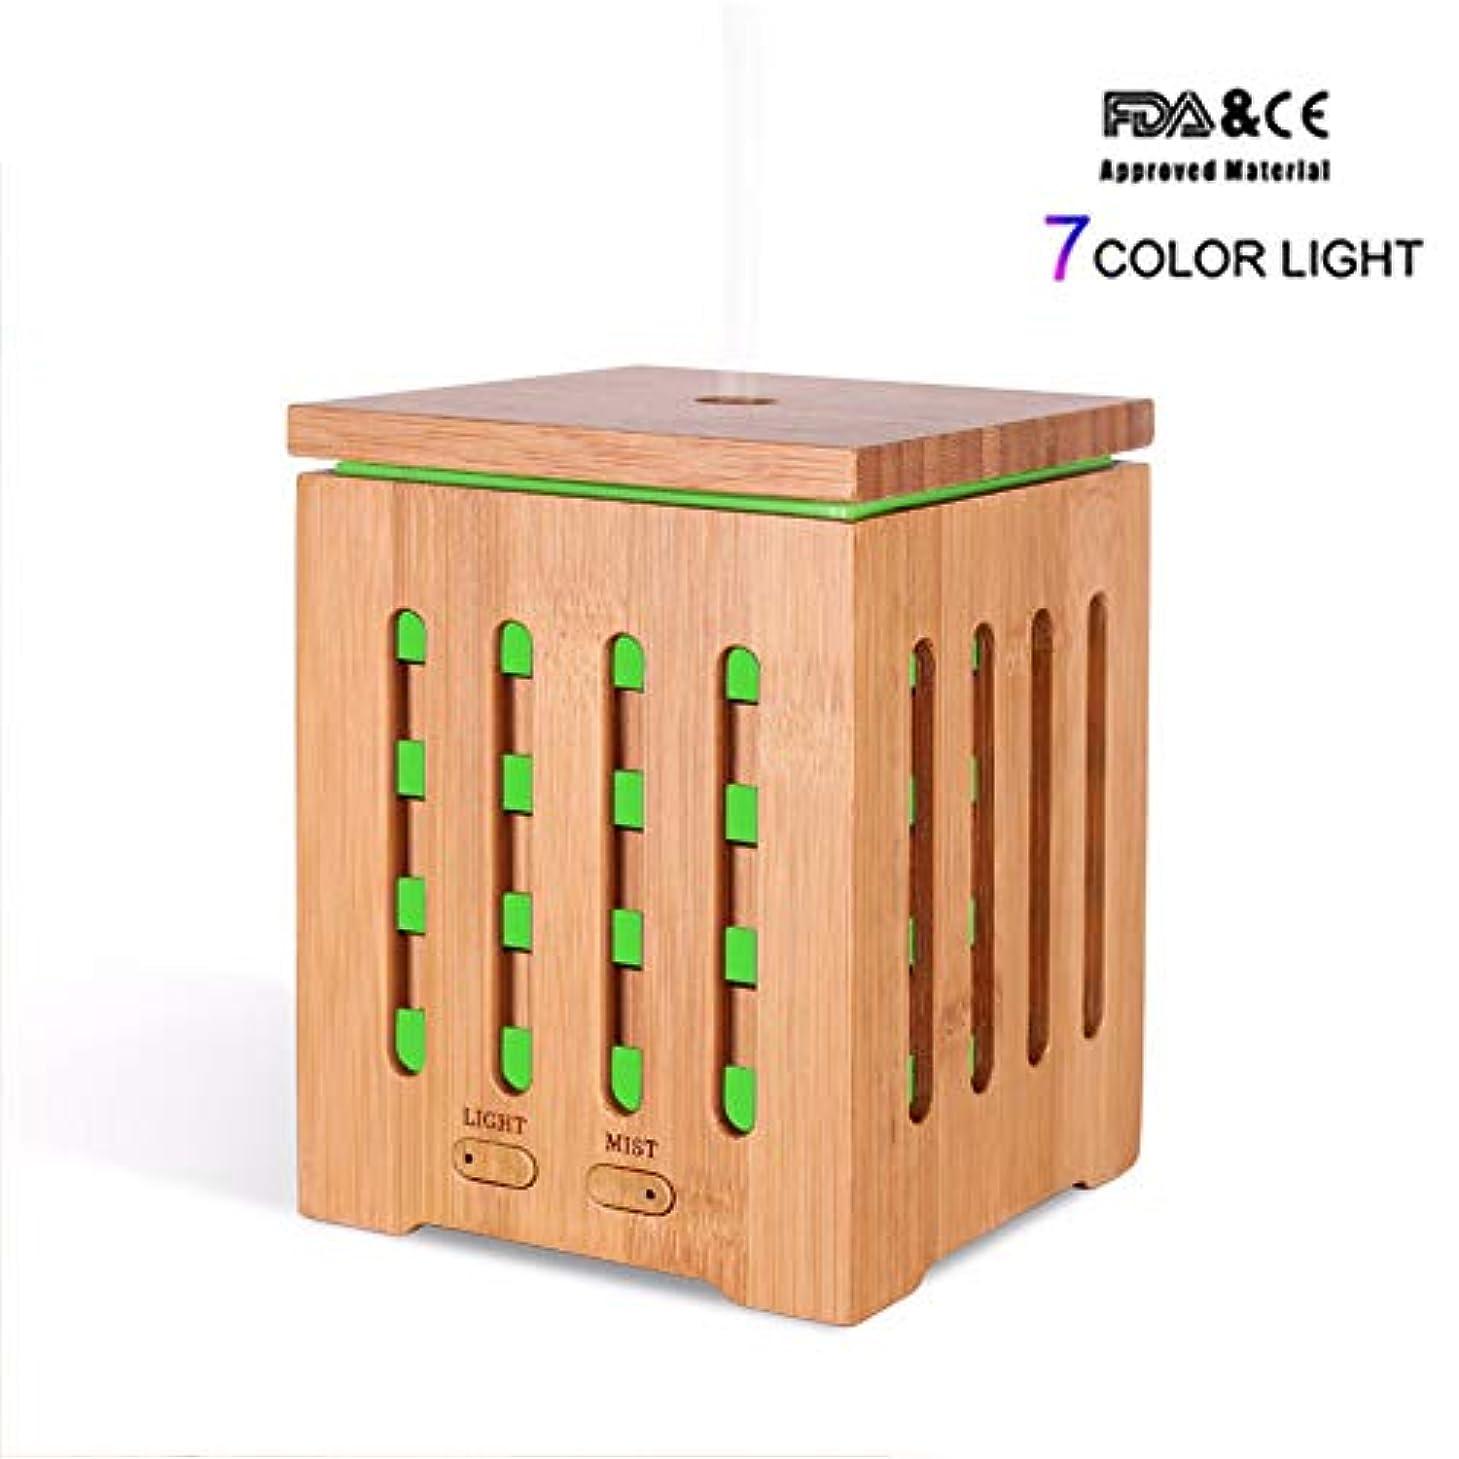 消化器甥裁定200MLリアル竹エッセンシャルオイルディフューザーアロマテラピー空気加湿器7色LEDライトホームワークスSPA健康的